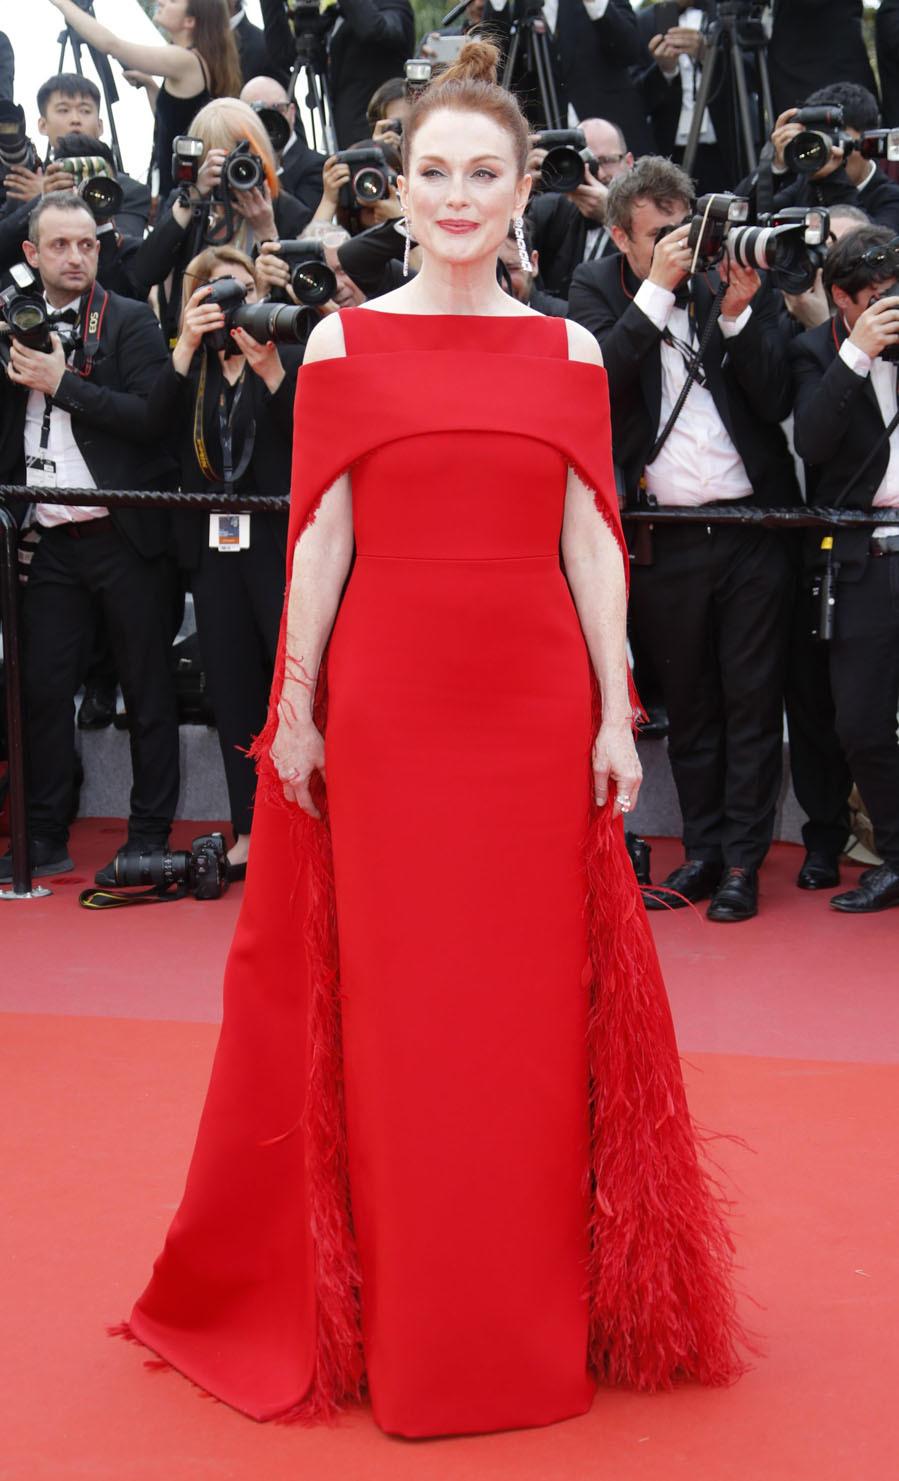 Cannes 2018. Aquí están los primeros lookazos de la alfombra roja - image moore2-cannes-vanidad on https://www.vanidad.es